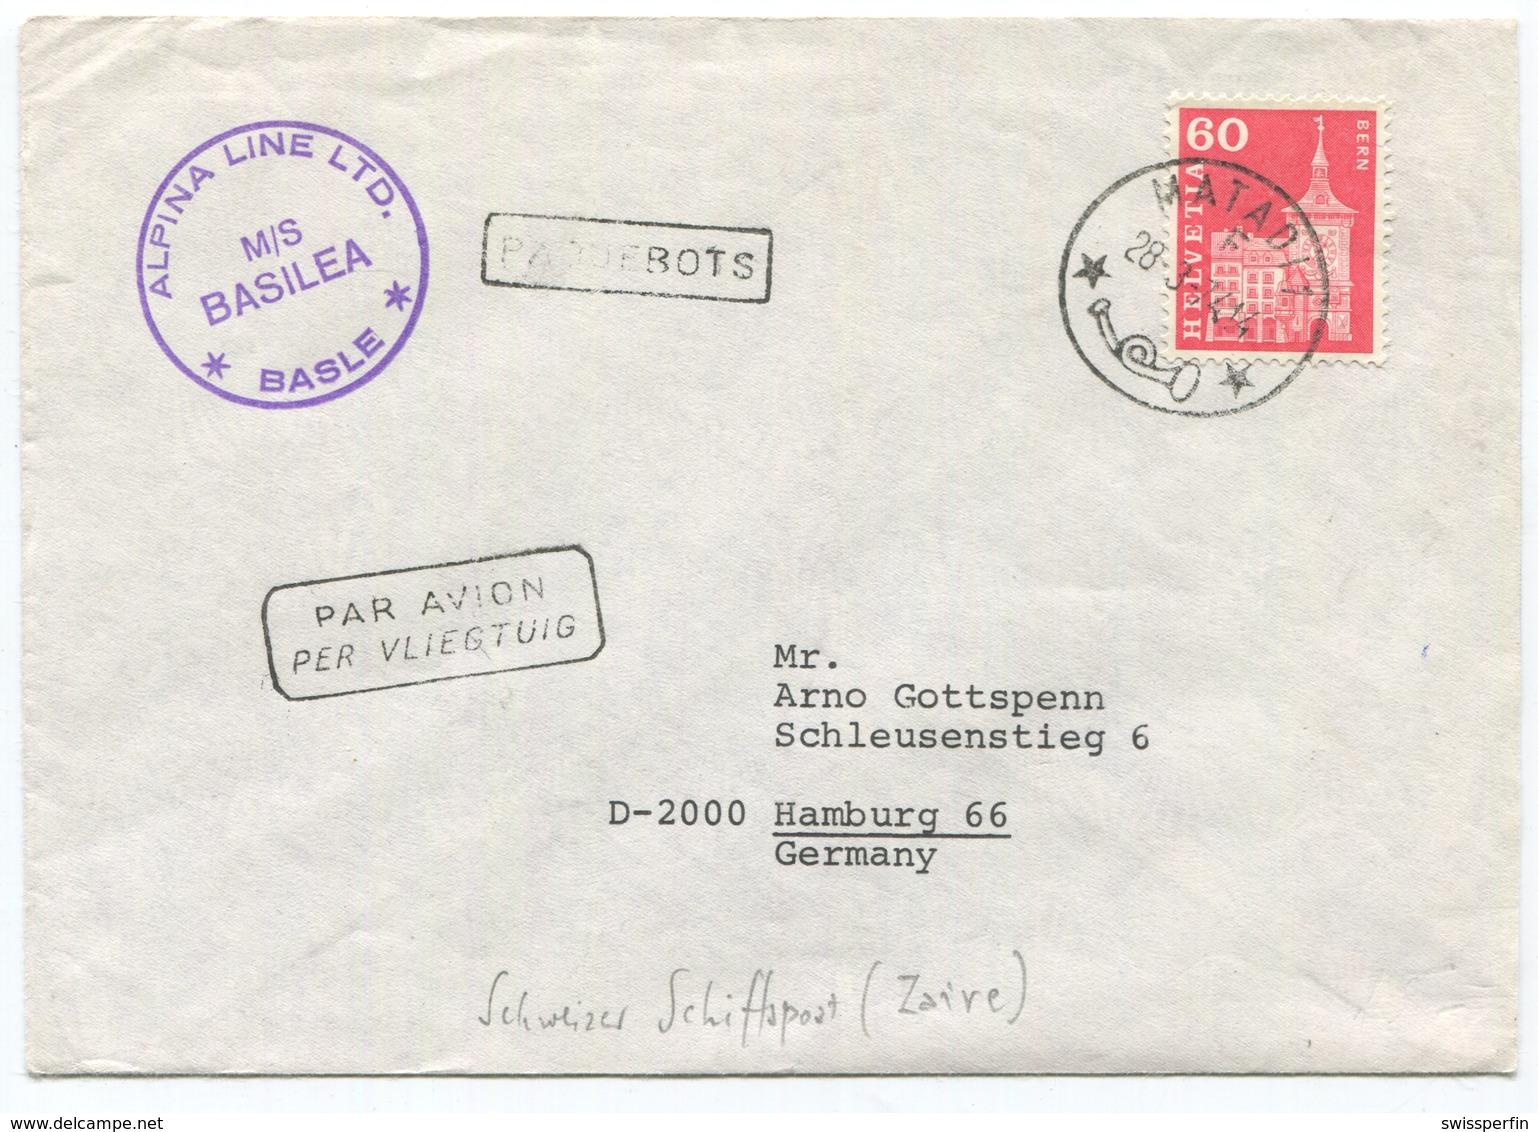 1948 - ALPINA LINE LTD. M/S BASILEA, BASLE PAQUEBOTS / Schweizer Schiffspoststempel - Marcophilie